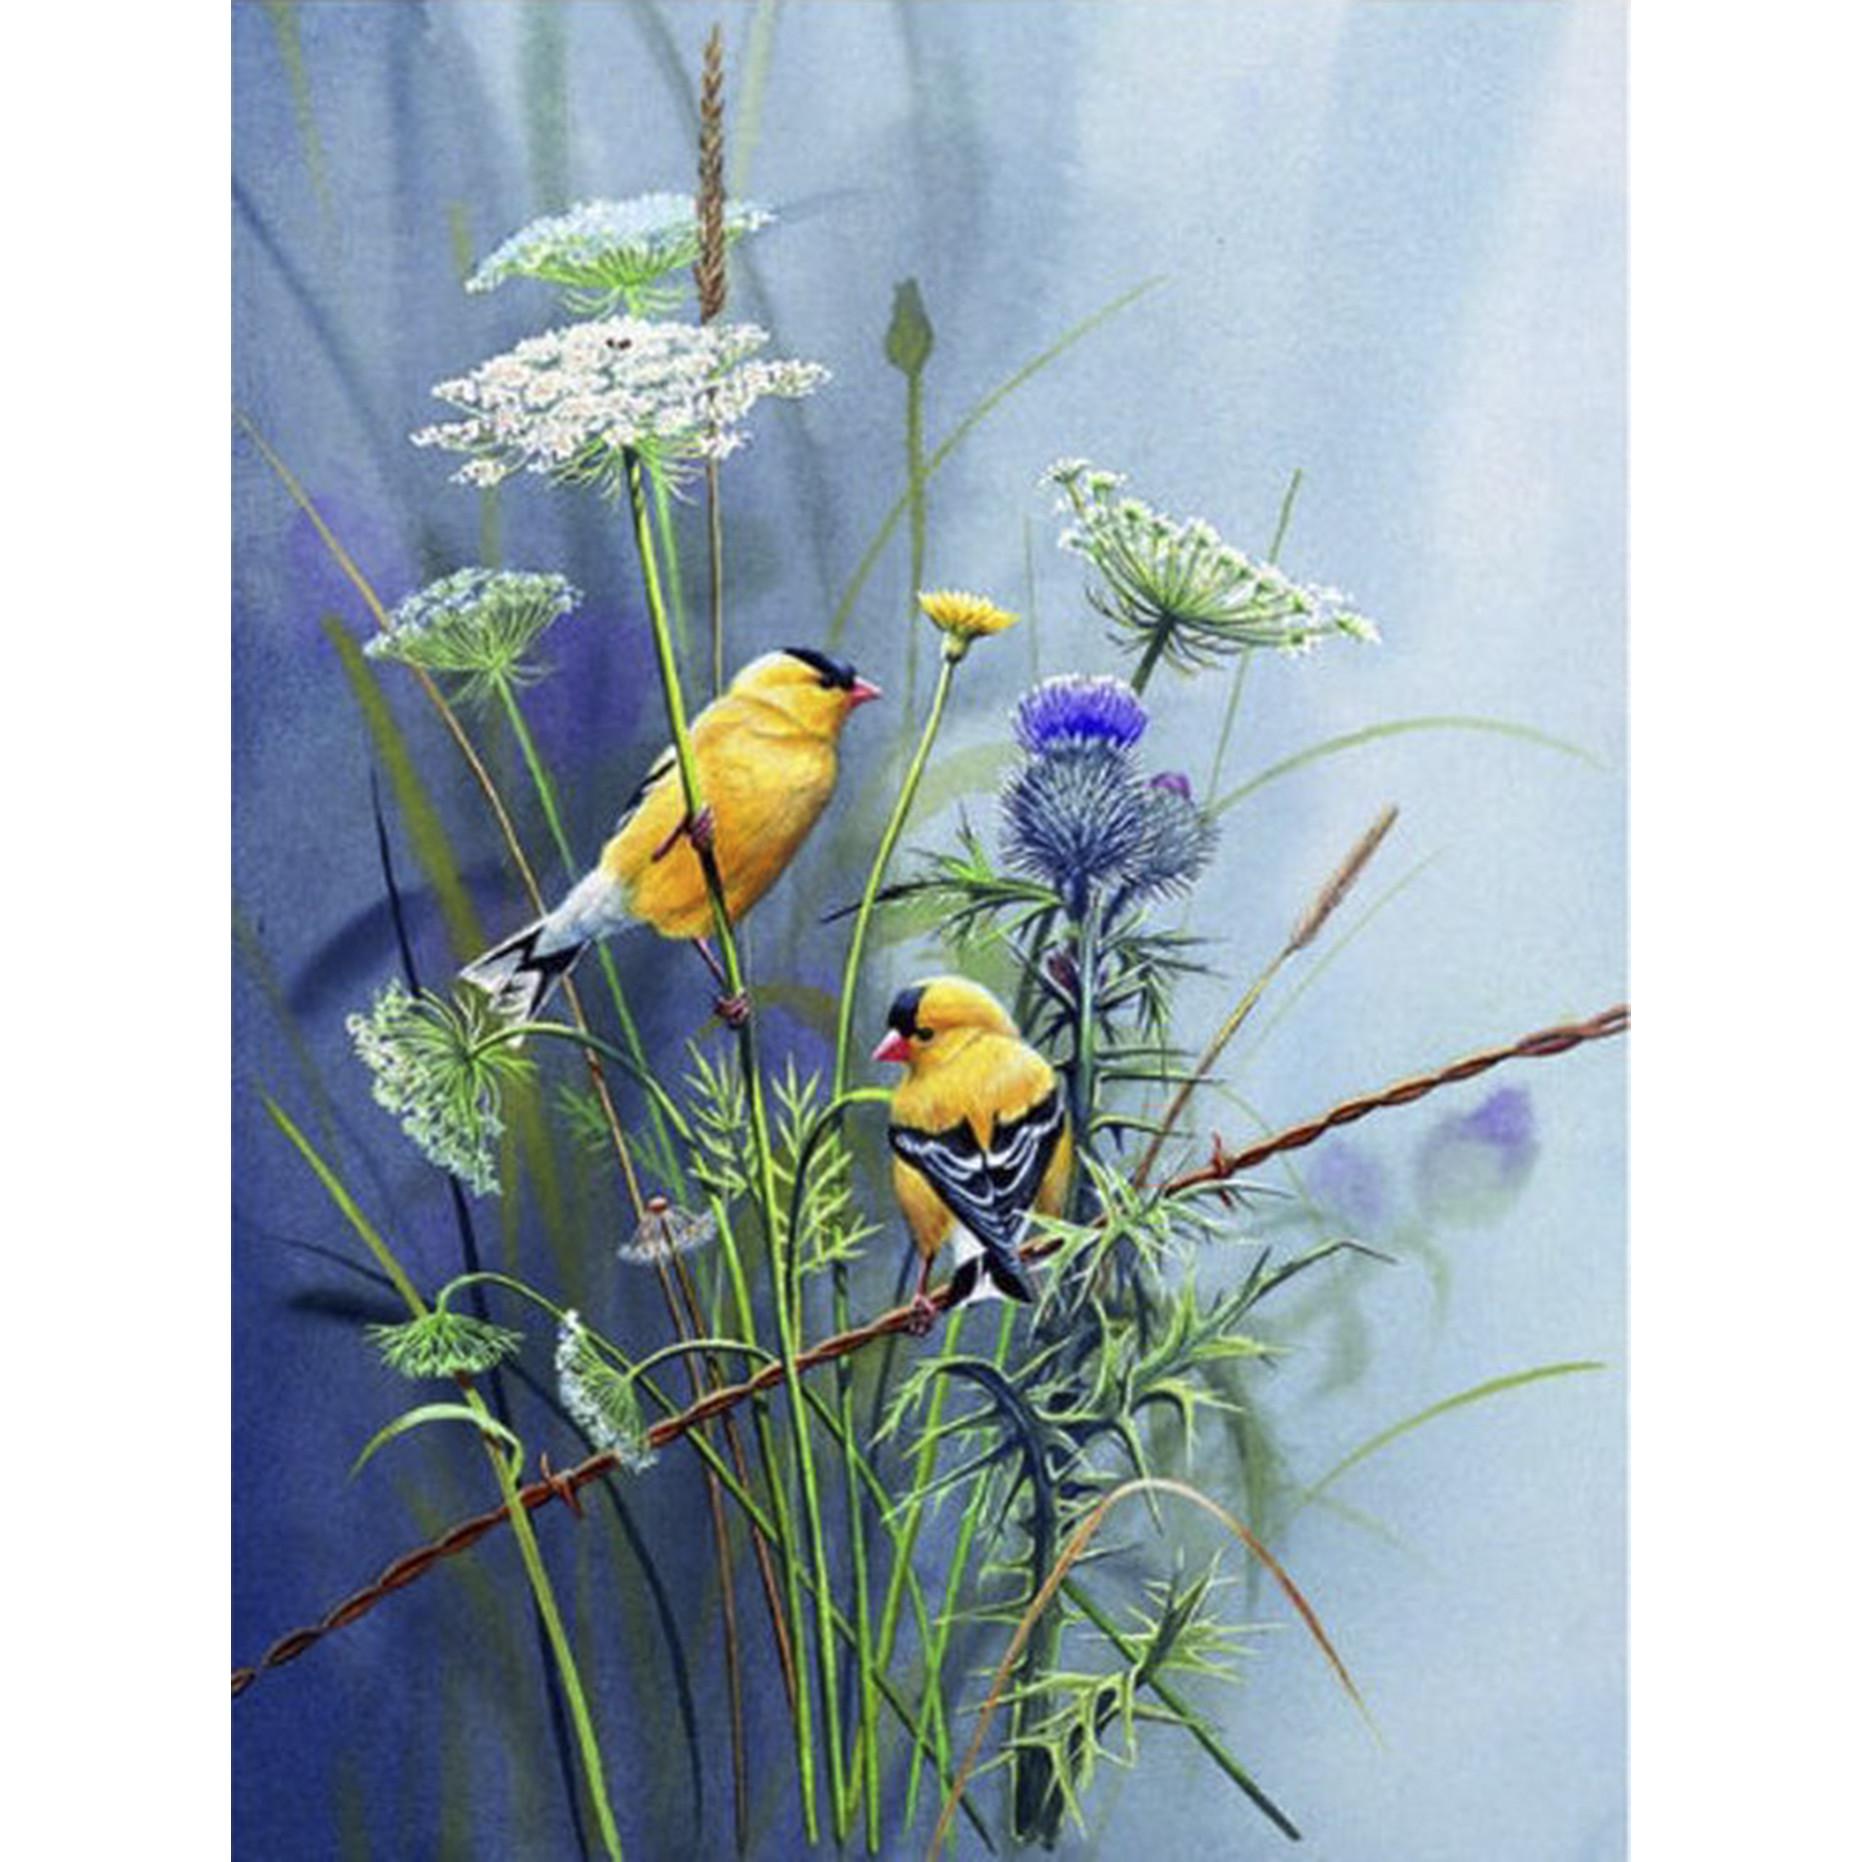 Tranh sơn dầu họa sỹ sáng tác vẽ tay: ĐÔI CHIM (3)